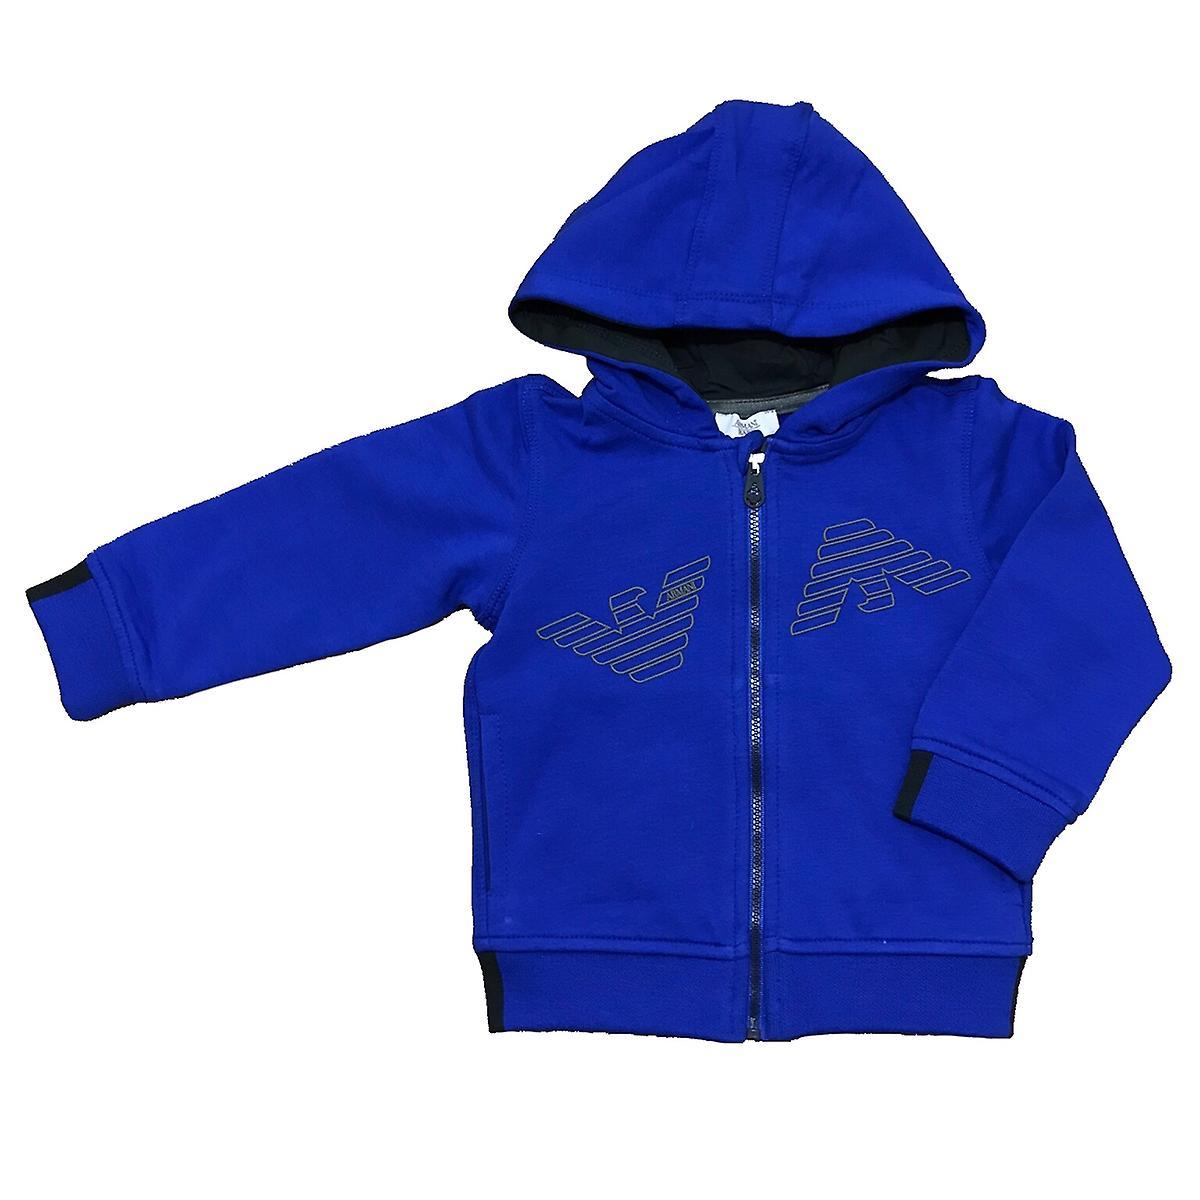 Armani Junior Boys Hooded Jacket